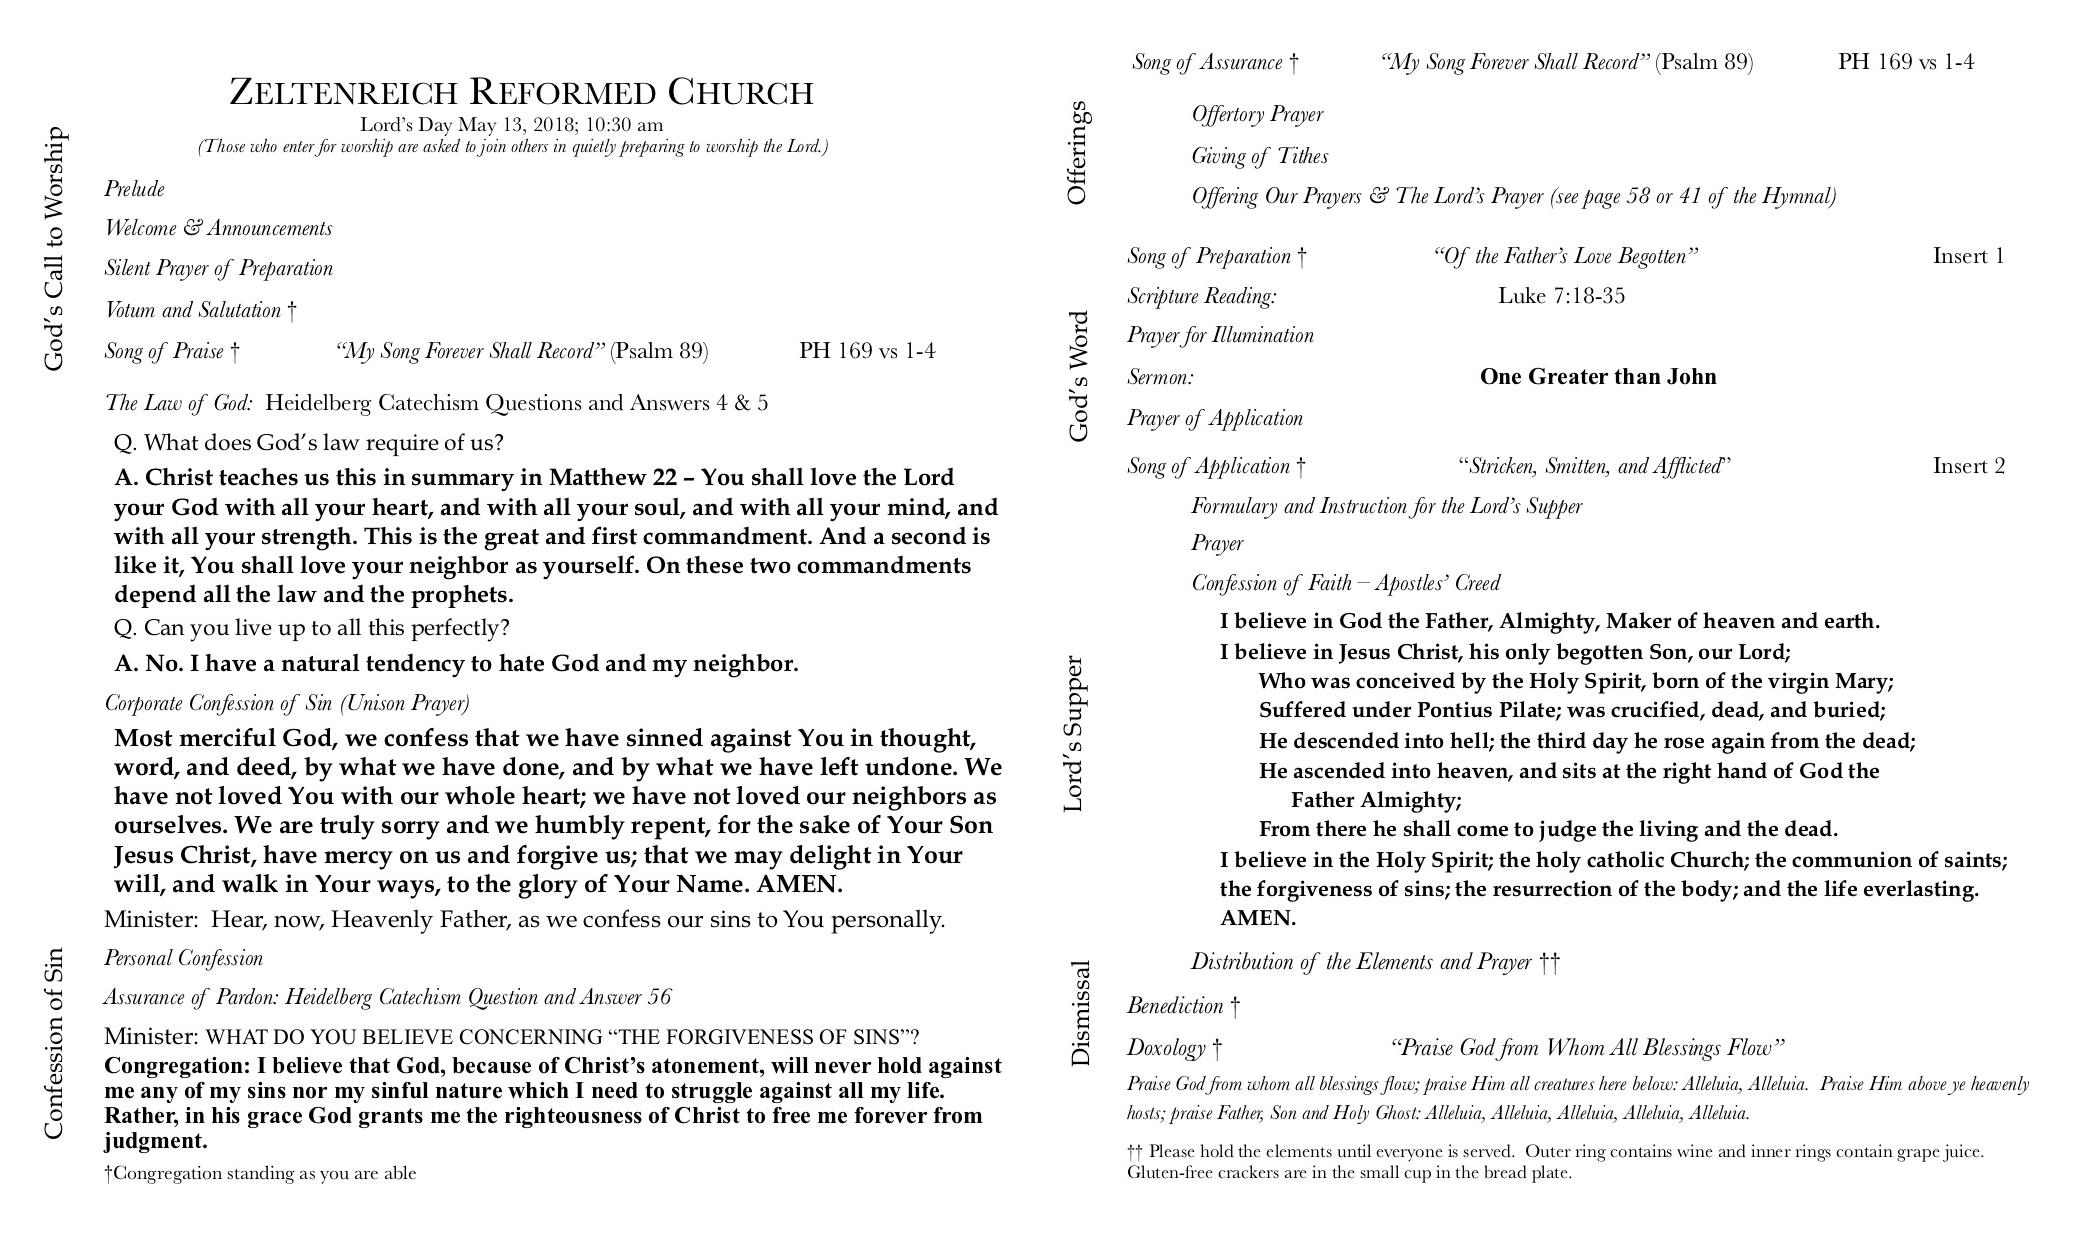 ZRC Bulletin 5.13.18.jpg